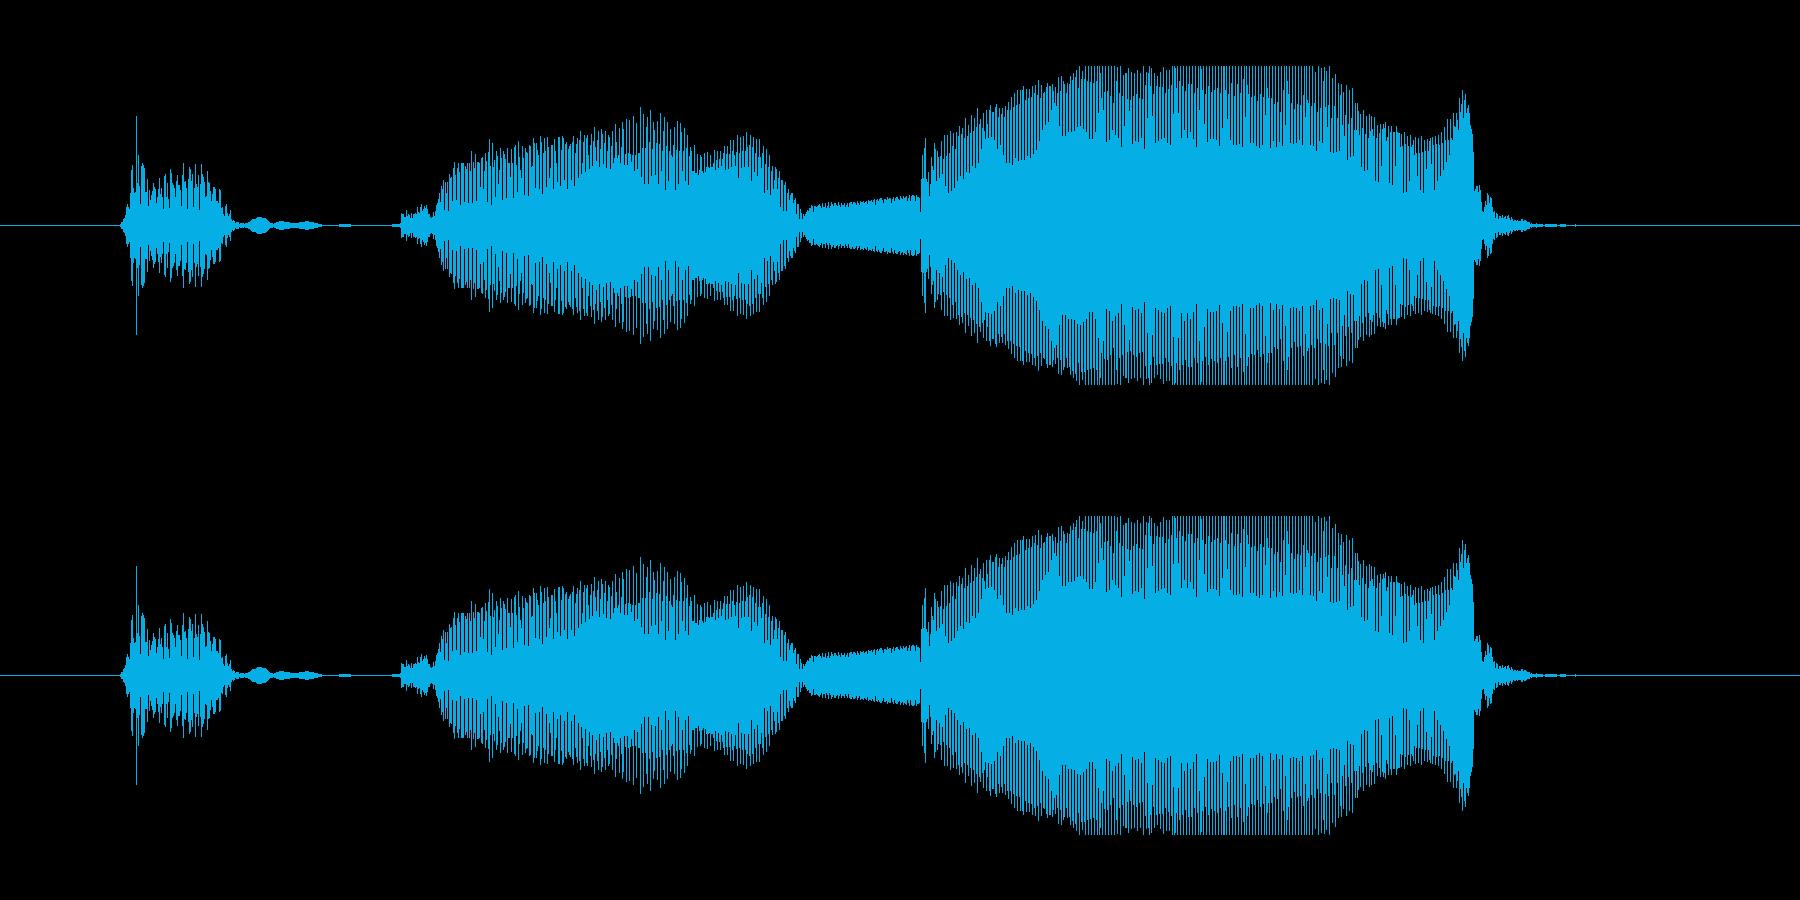 6 (子供)あけおめ!!(やさしい)の再生済みの波形